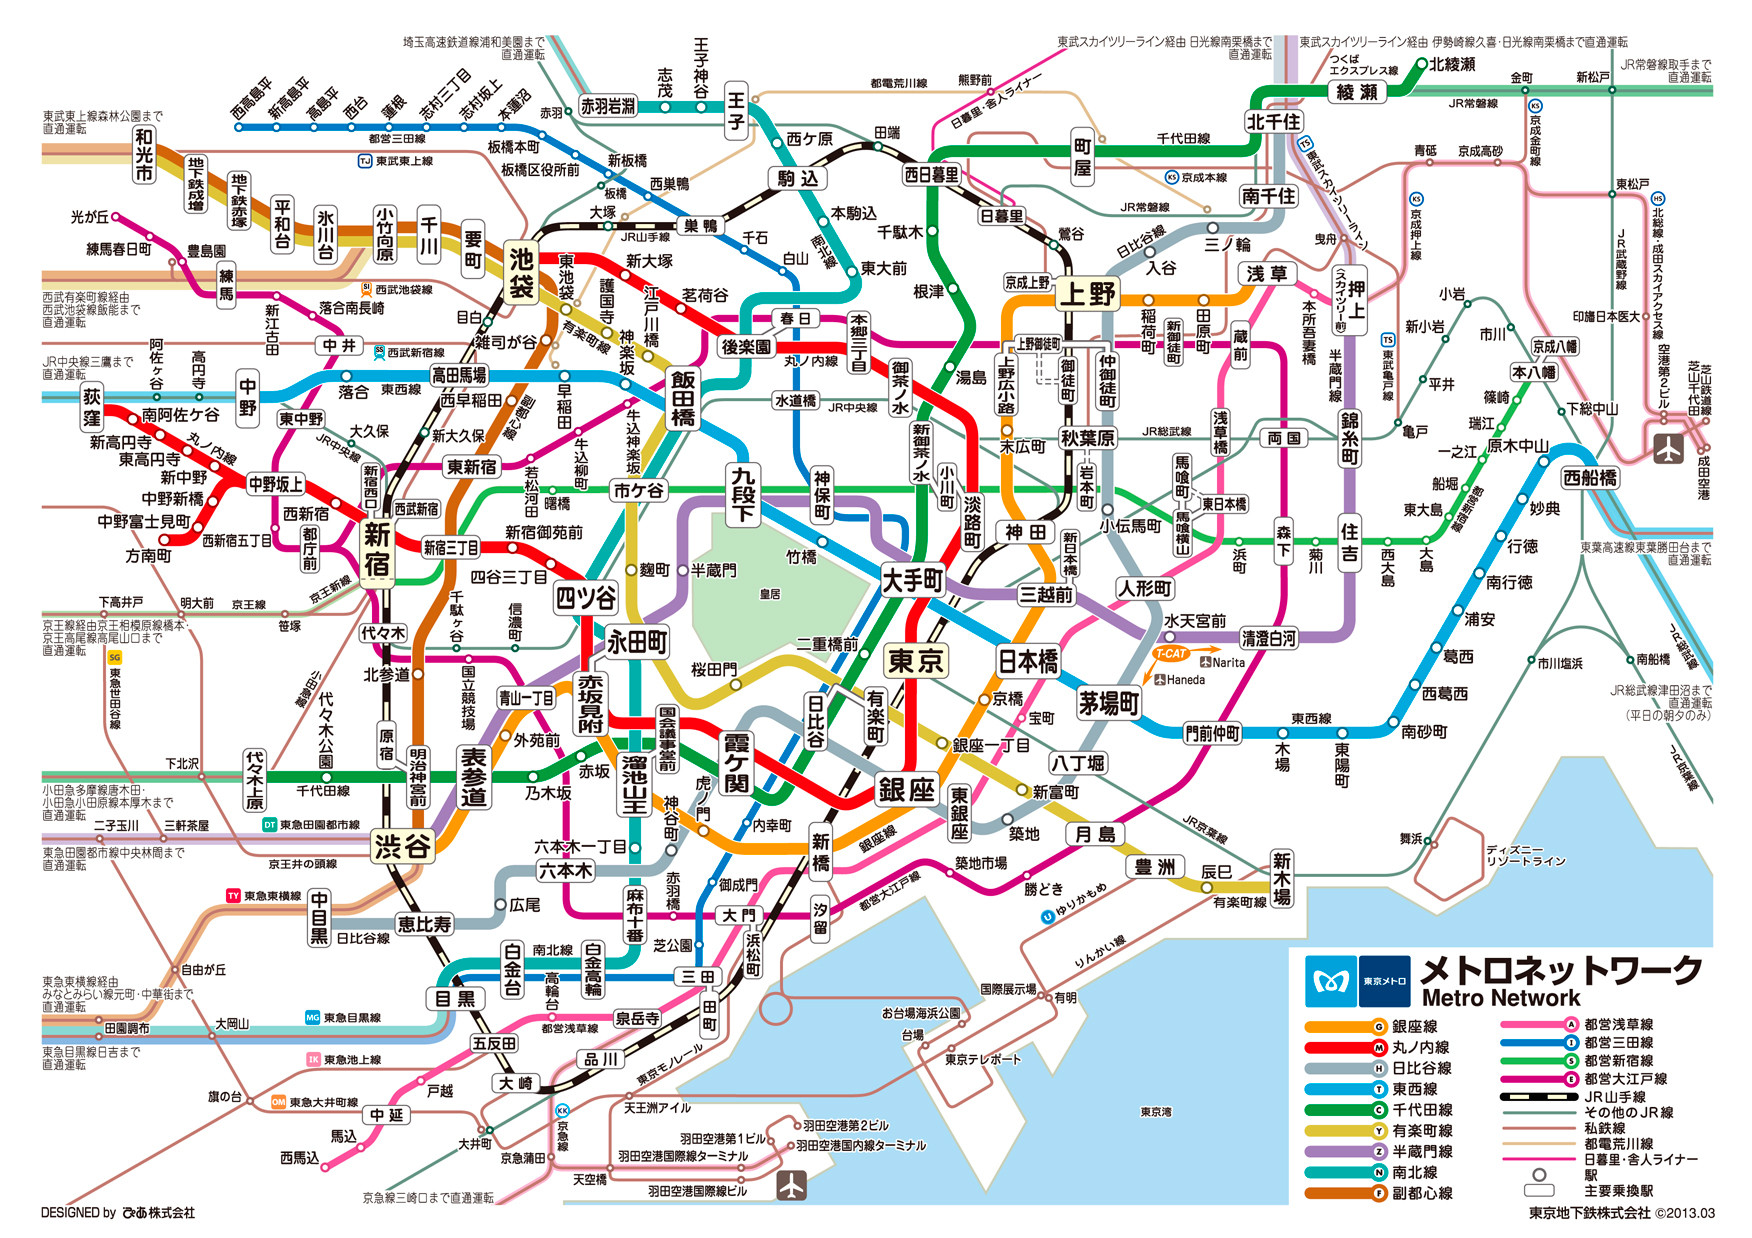 高速道路ナンバリング路線図 - mlit.go.jp